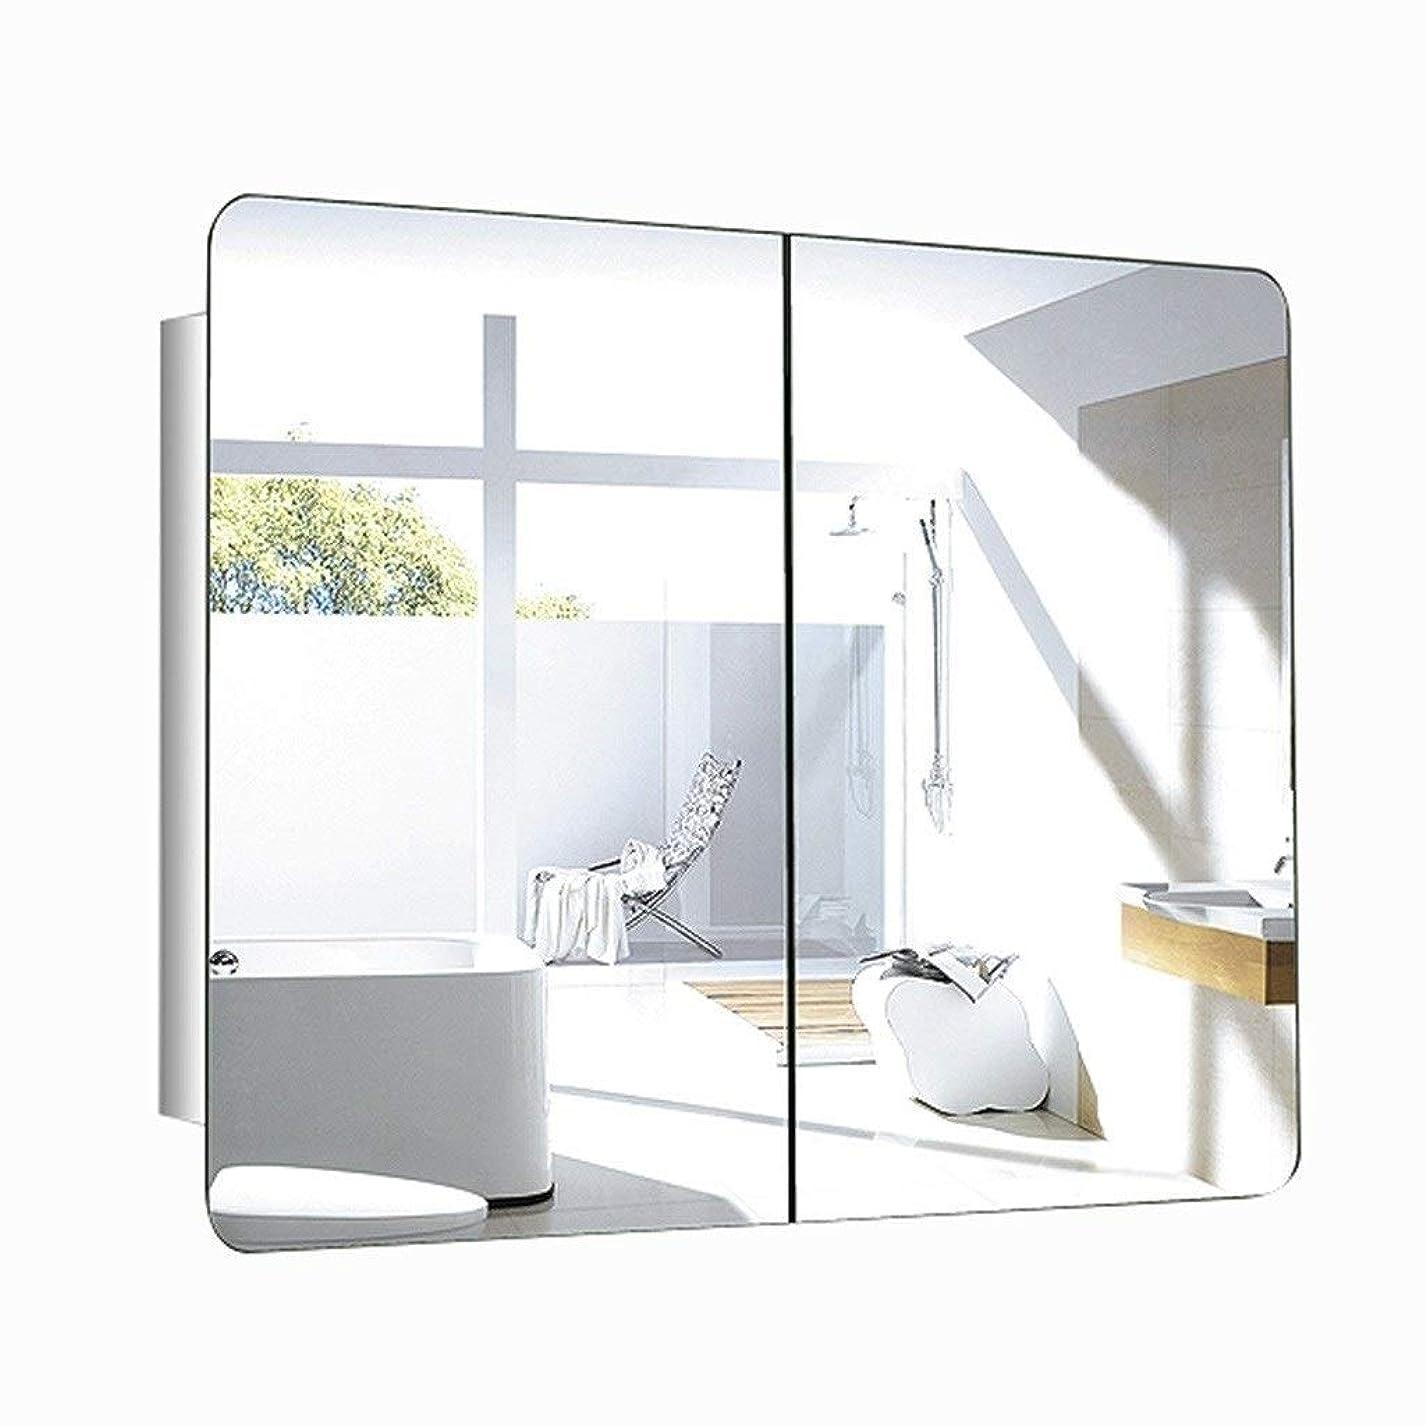 十デモンストレーショングッゲンハイム美術館鏡台?ドレッサー 浴室のミラーキャビネット ステンレス鋼の表のミラーキャビネット ベッドルームミラーキャビネット 長方形のミラーキャビネットドレッシング (Color : A, Size : 80*60*13CM)